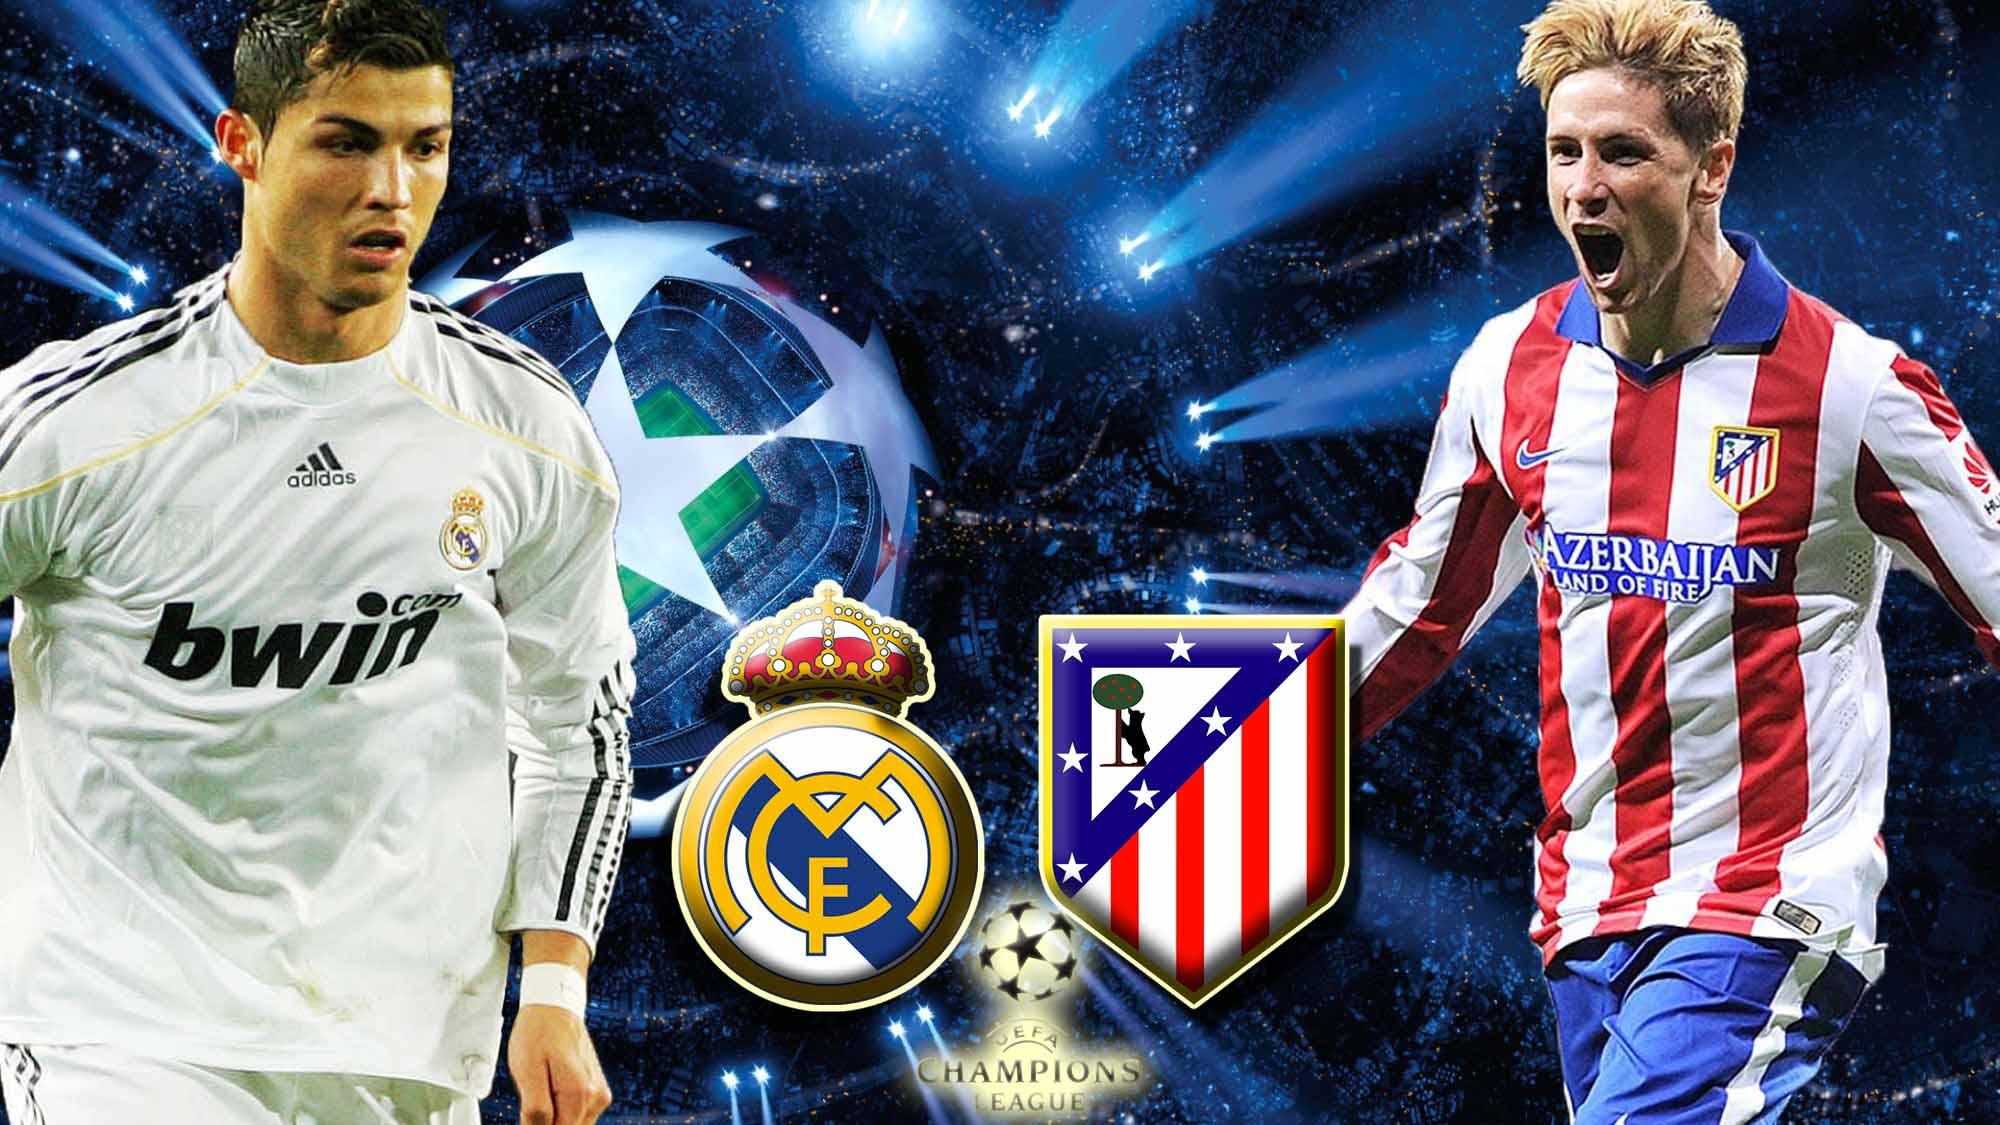 Реал Мадрид — Атлетико: прогноз на матч 02.05.2017